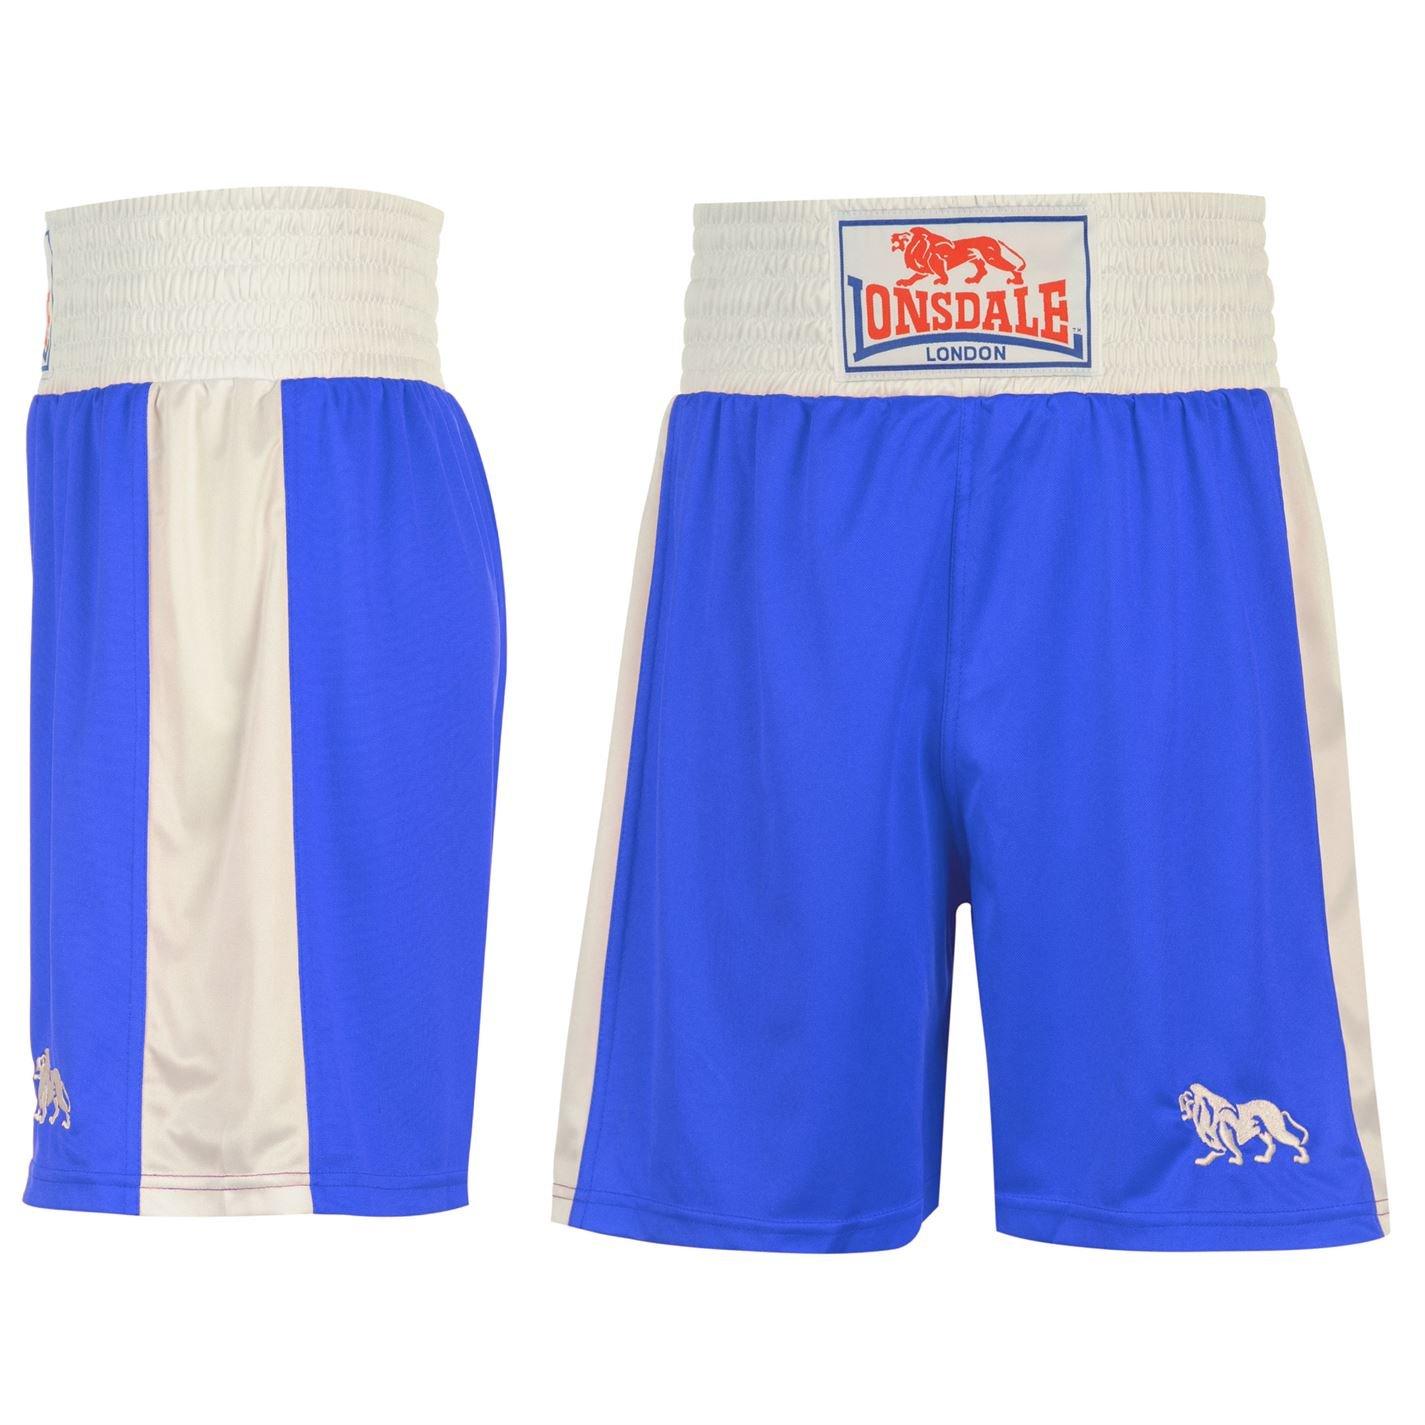 da boxe Pantaloni sportivi Gym Wear Lonsdale-Pantaloncini da allenamento